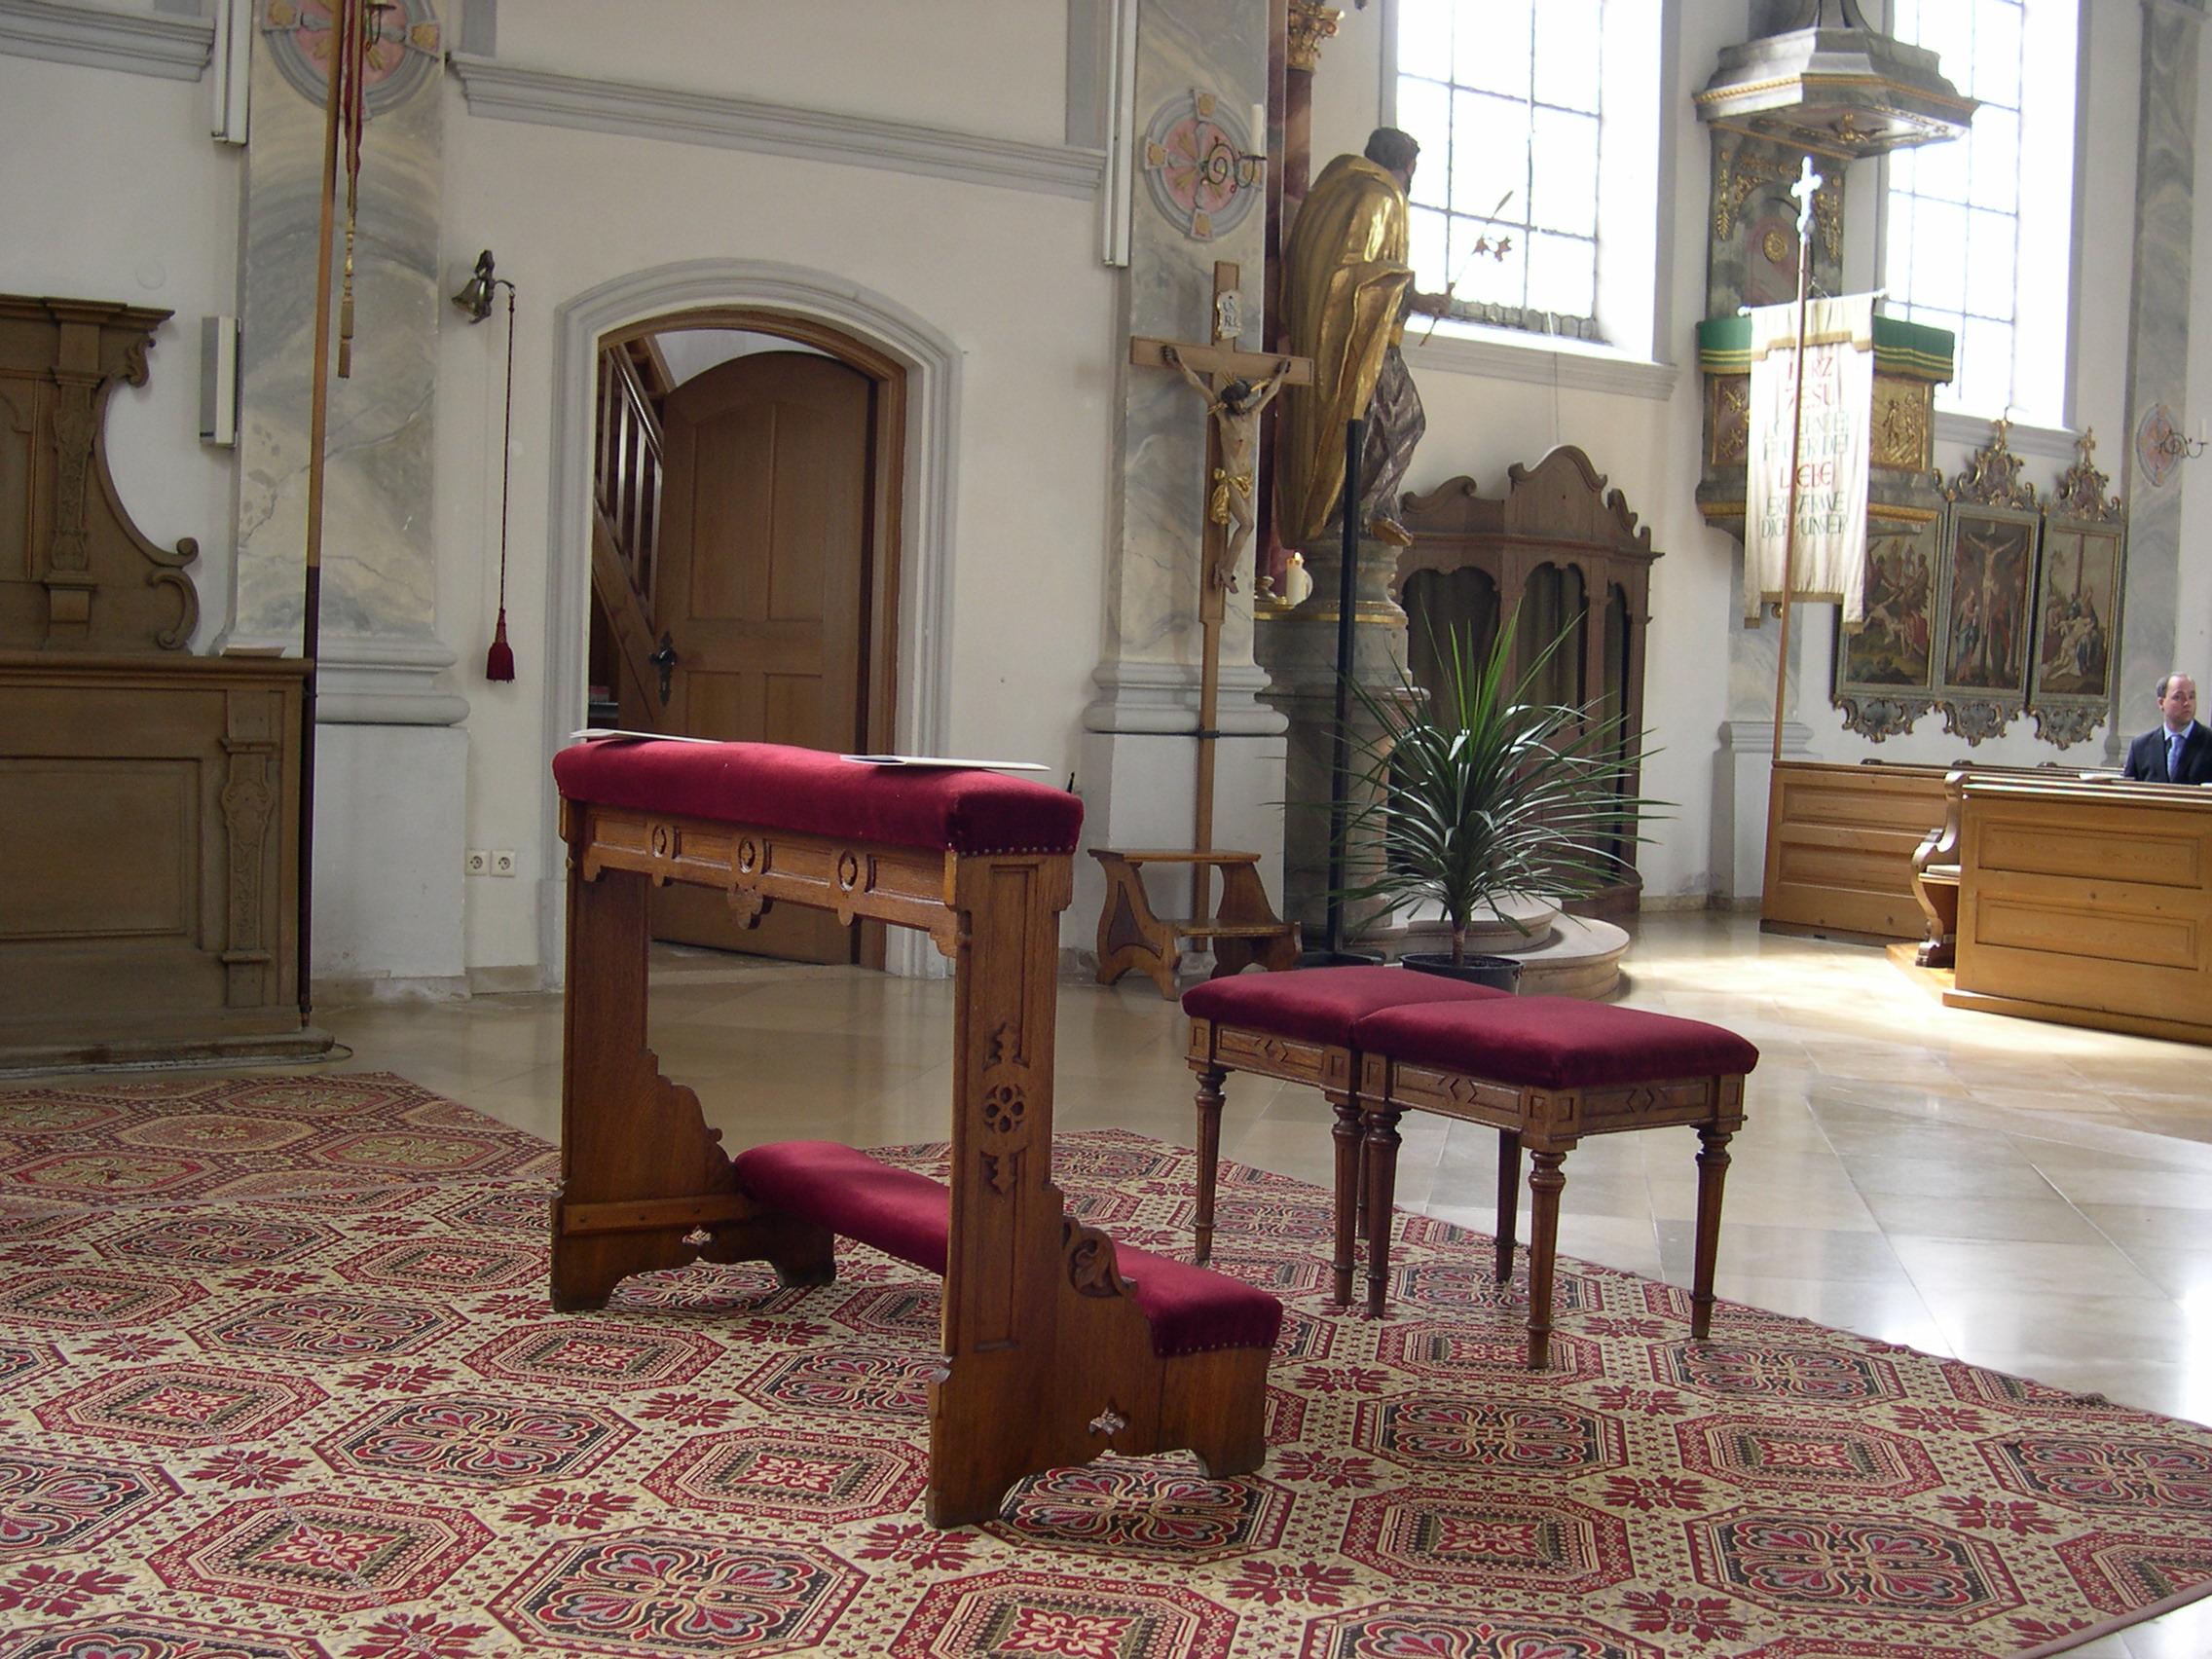 Presbyterian Trauung